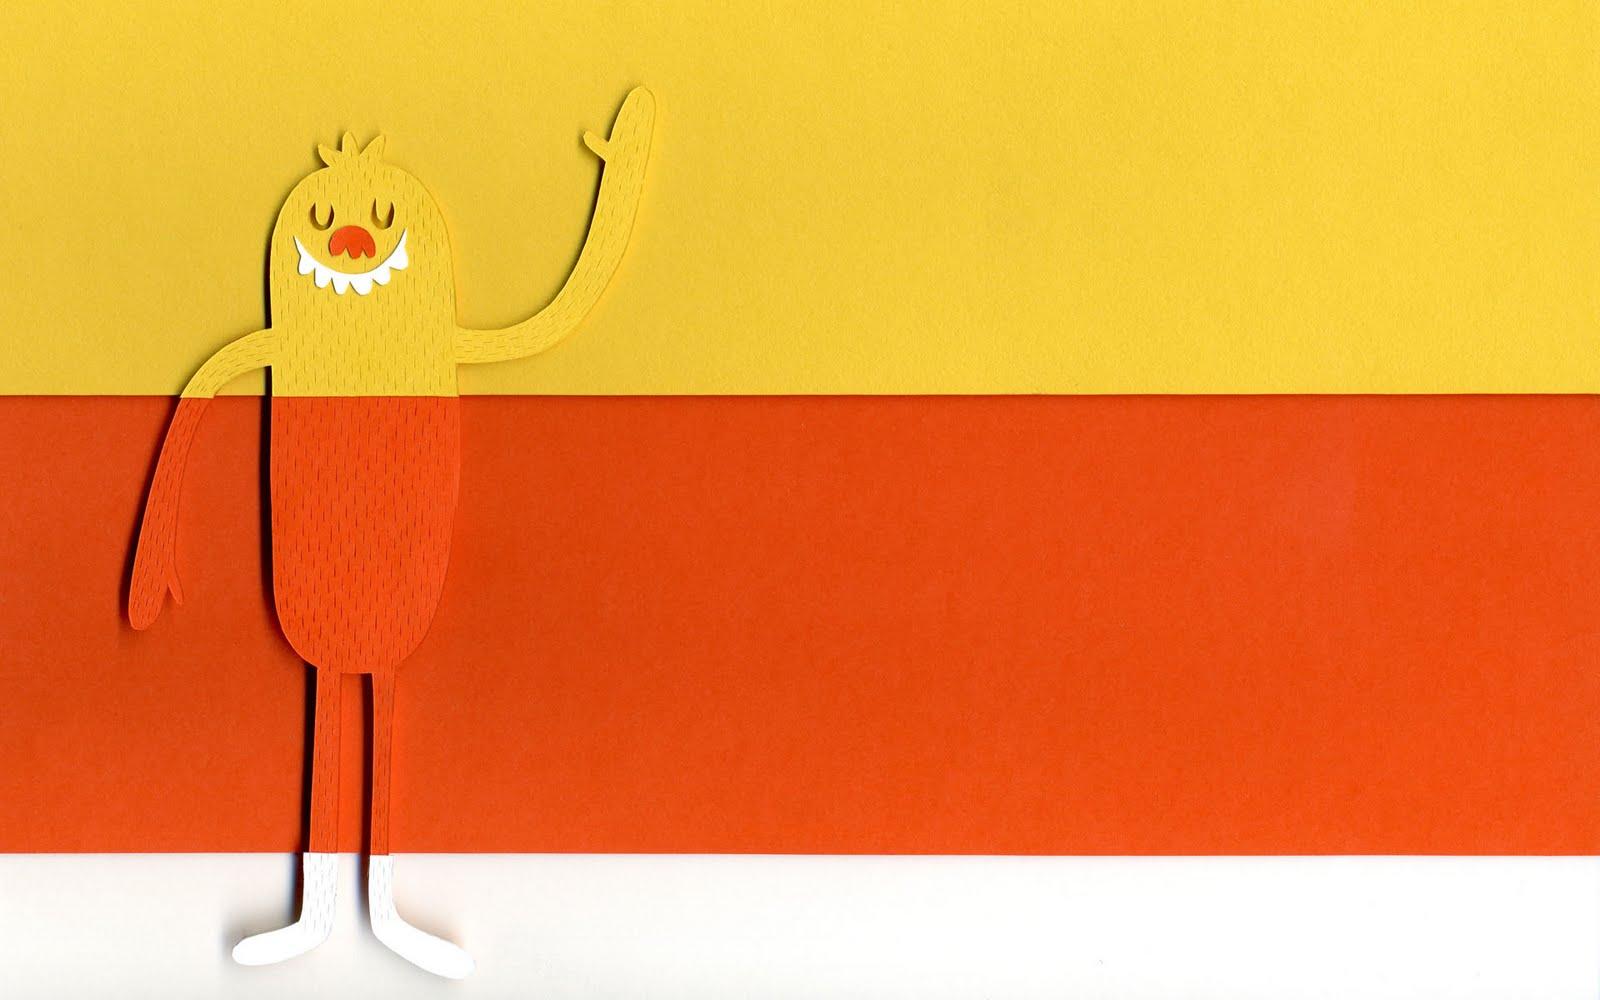 Wallpaper Candy Corn Wallpaper Iphone